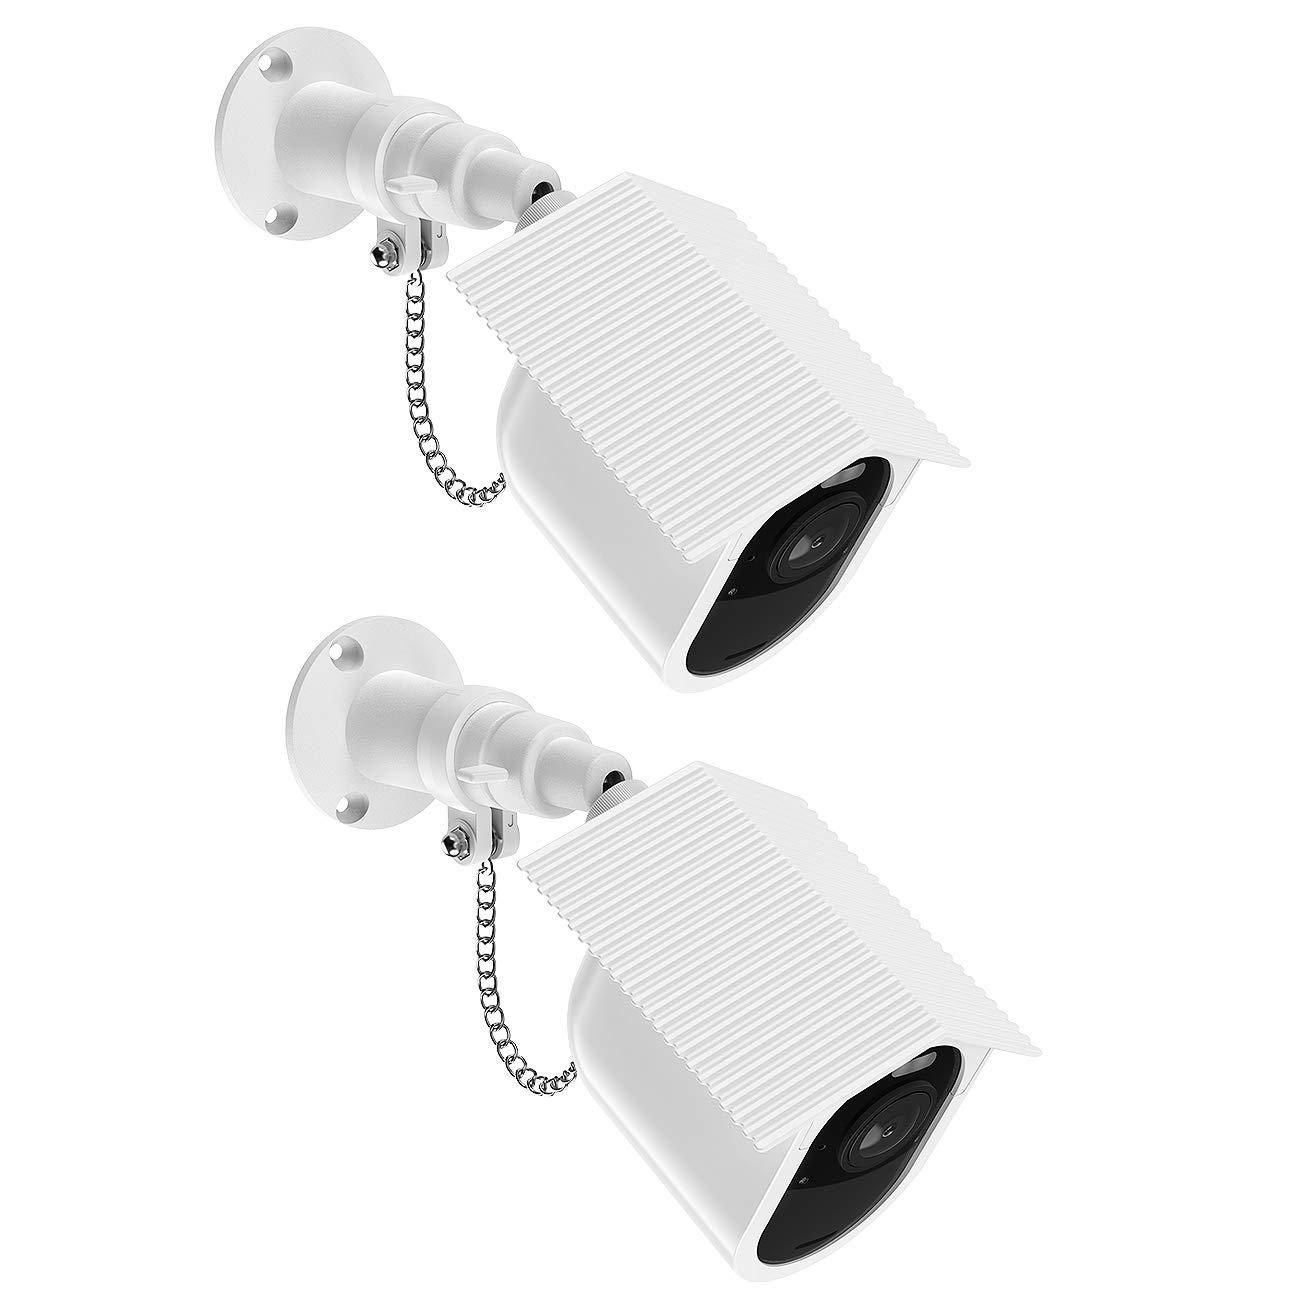 Schutz-Halterung Wandhalterung f/ür ARLO Ultra Home Security Camera System wetterfest LUXACURY ARLO Ultra Kamerahalterung mit Outdoor Schutztasche Anti-Diebstahl